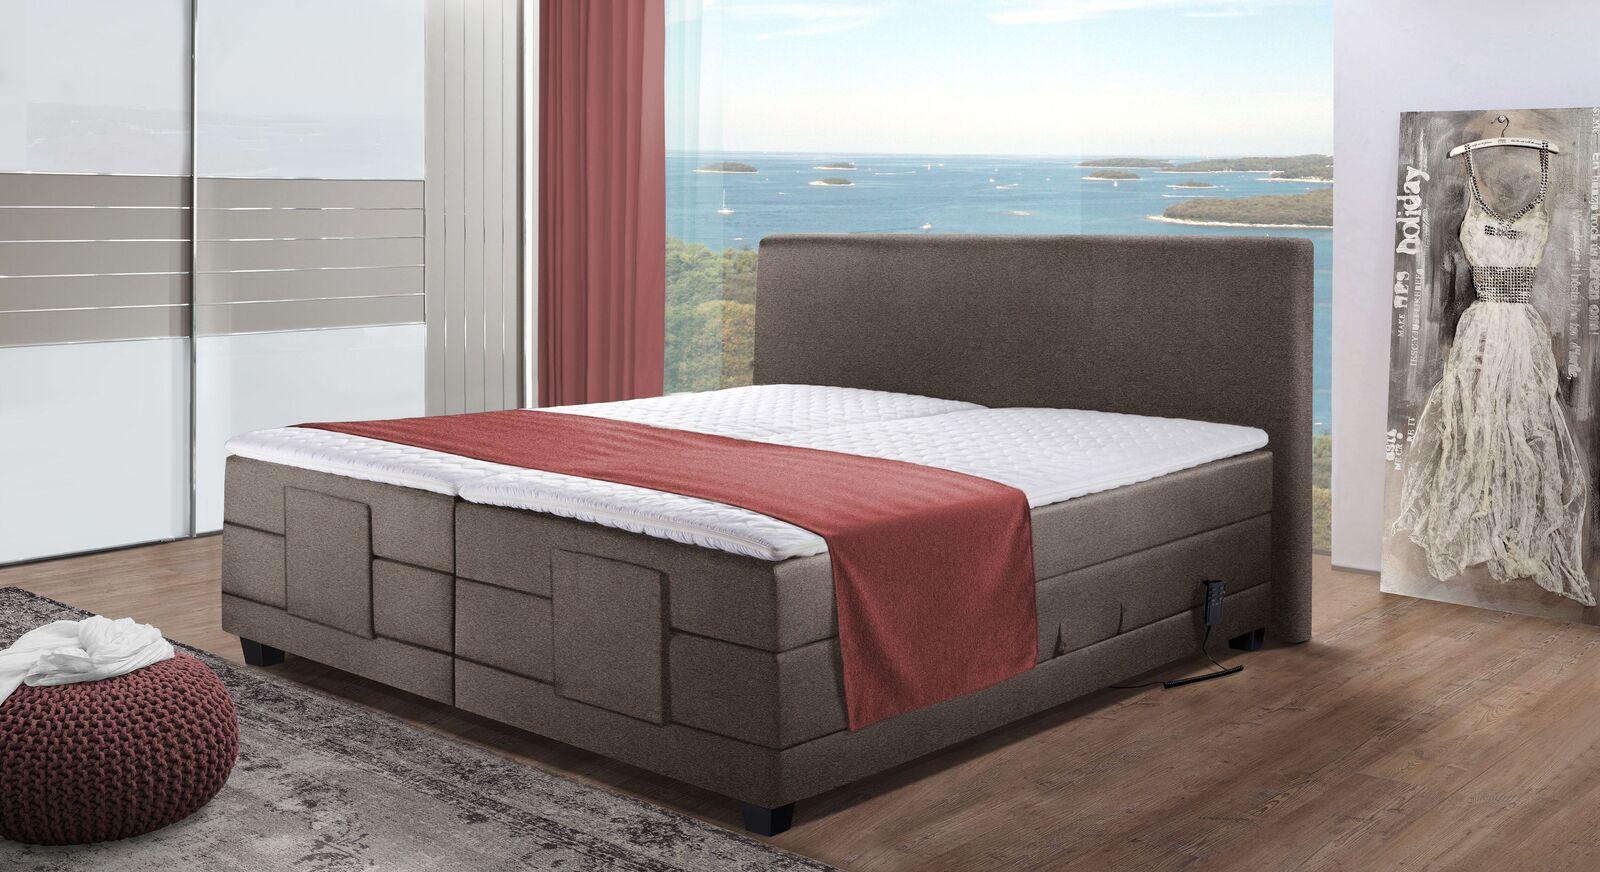 Schlafzimmer Ferentino in stilvollem Design